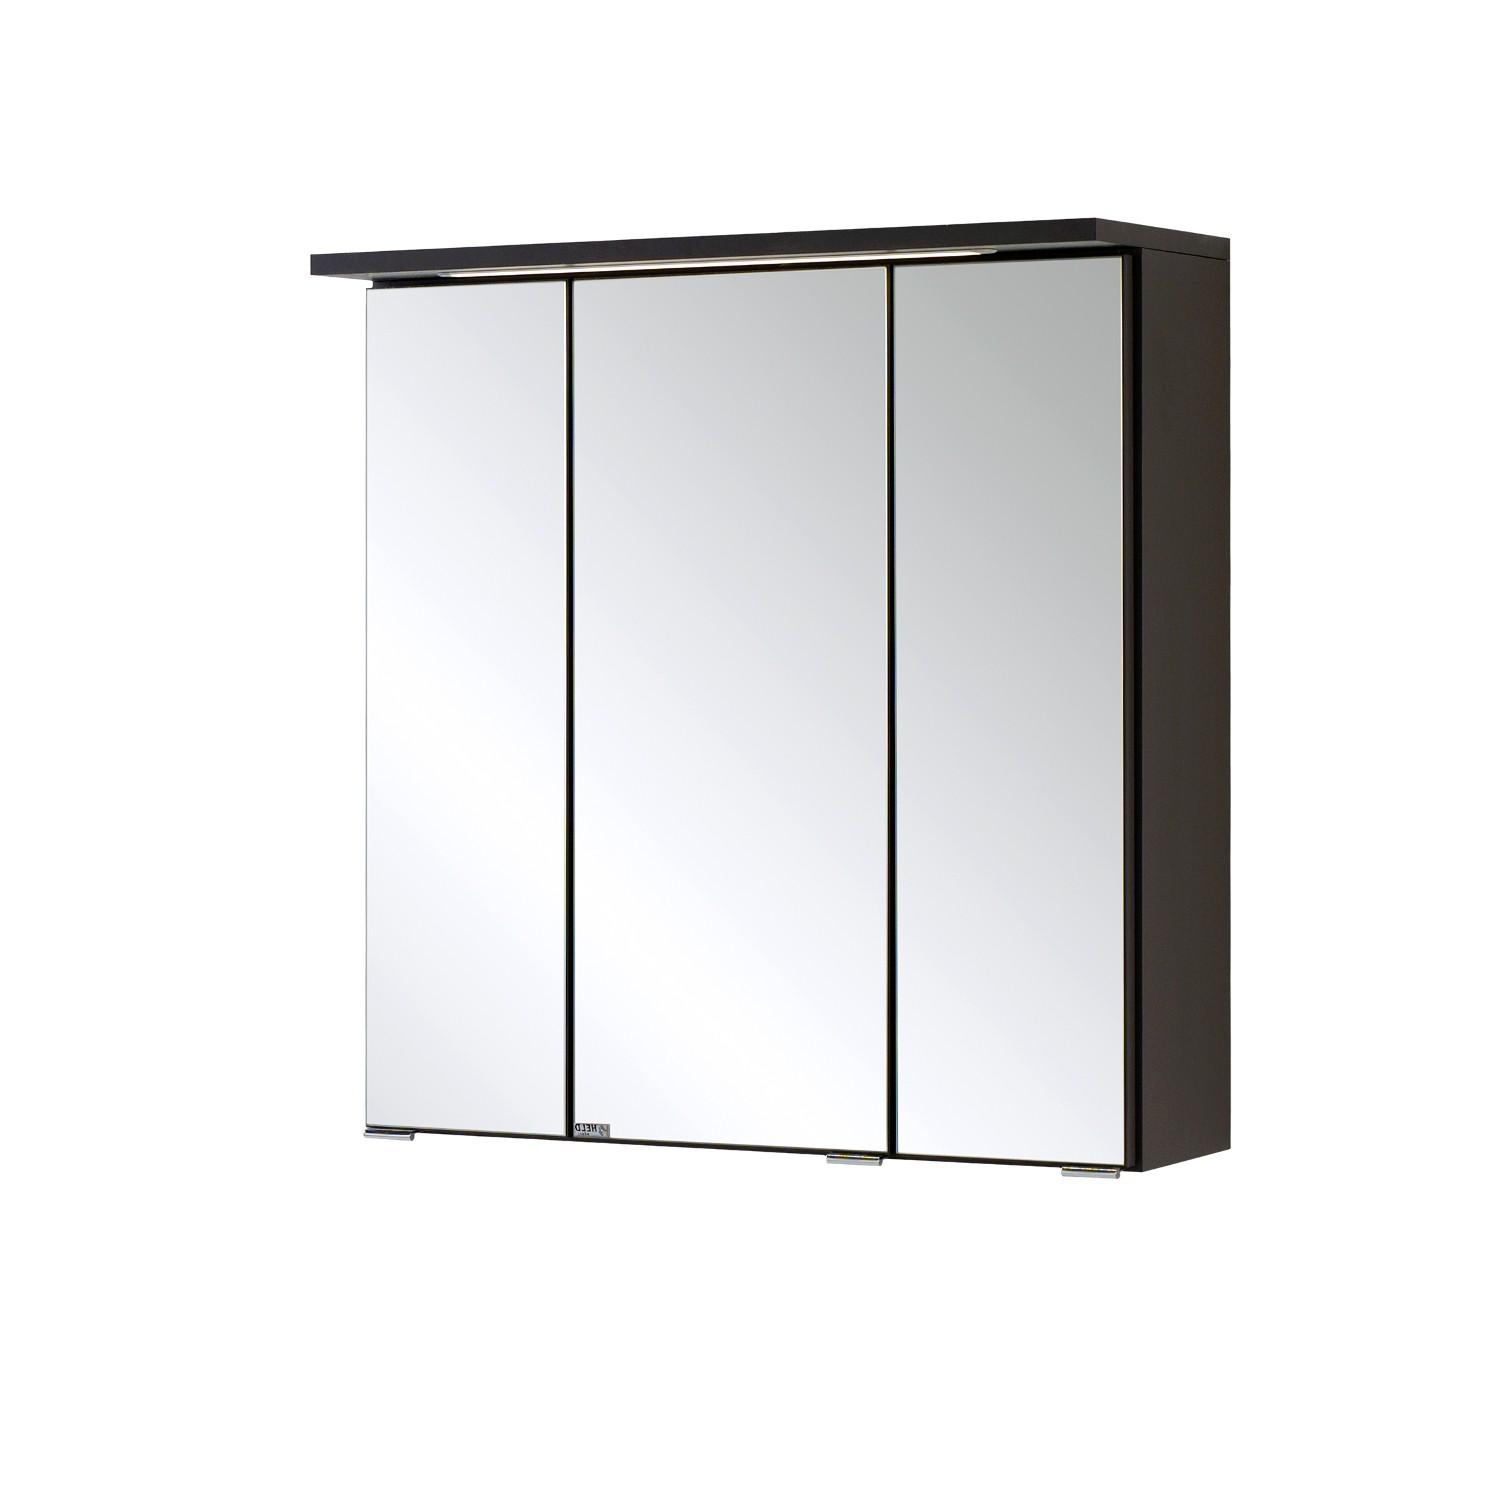 Badmoebel--Bologna--Spiegelschrank--60--graphitgrau- Wunderschöne Spiegelschrank Bad 60 Cm Dekorationen